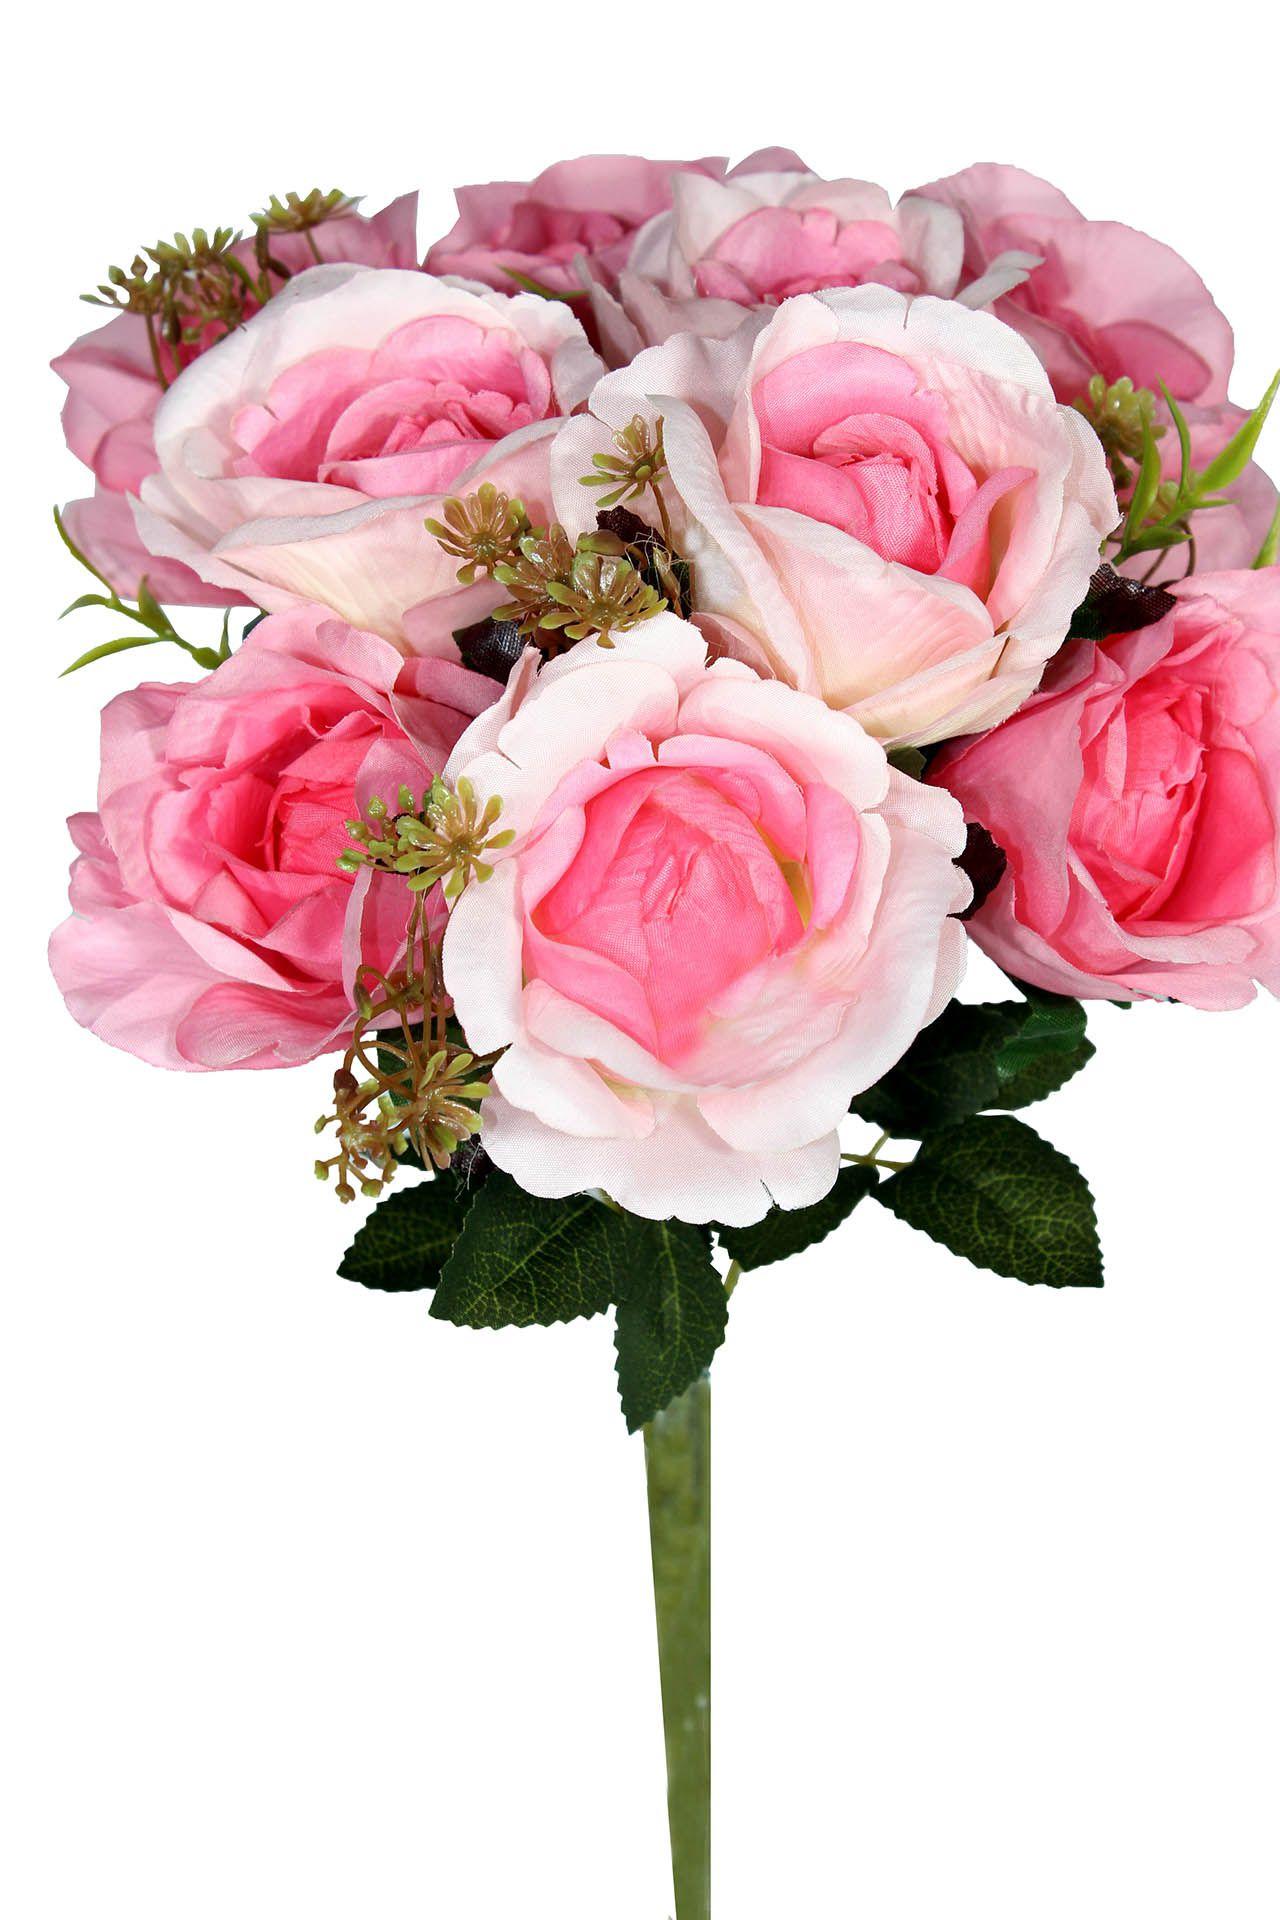 Buquê de rosa - X9 - 37cm Altura